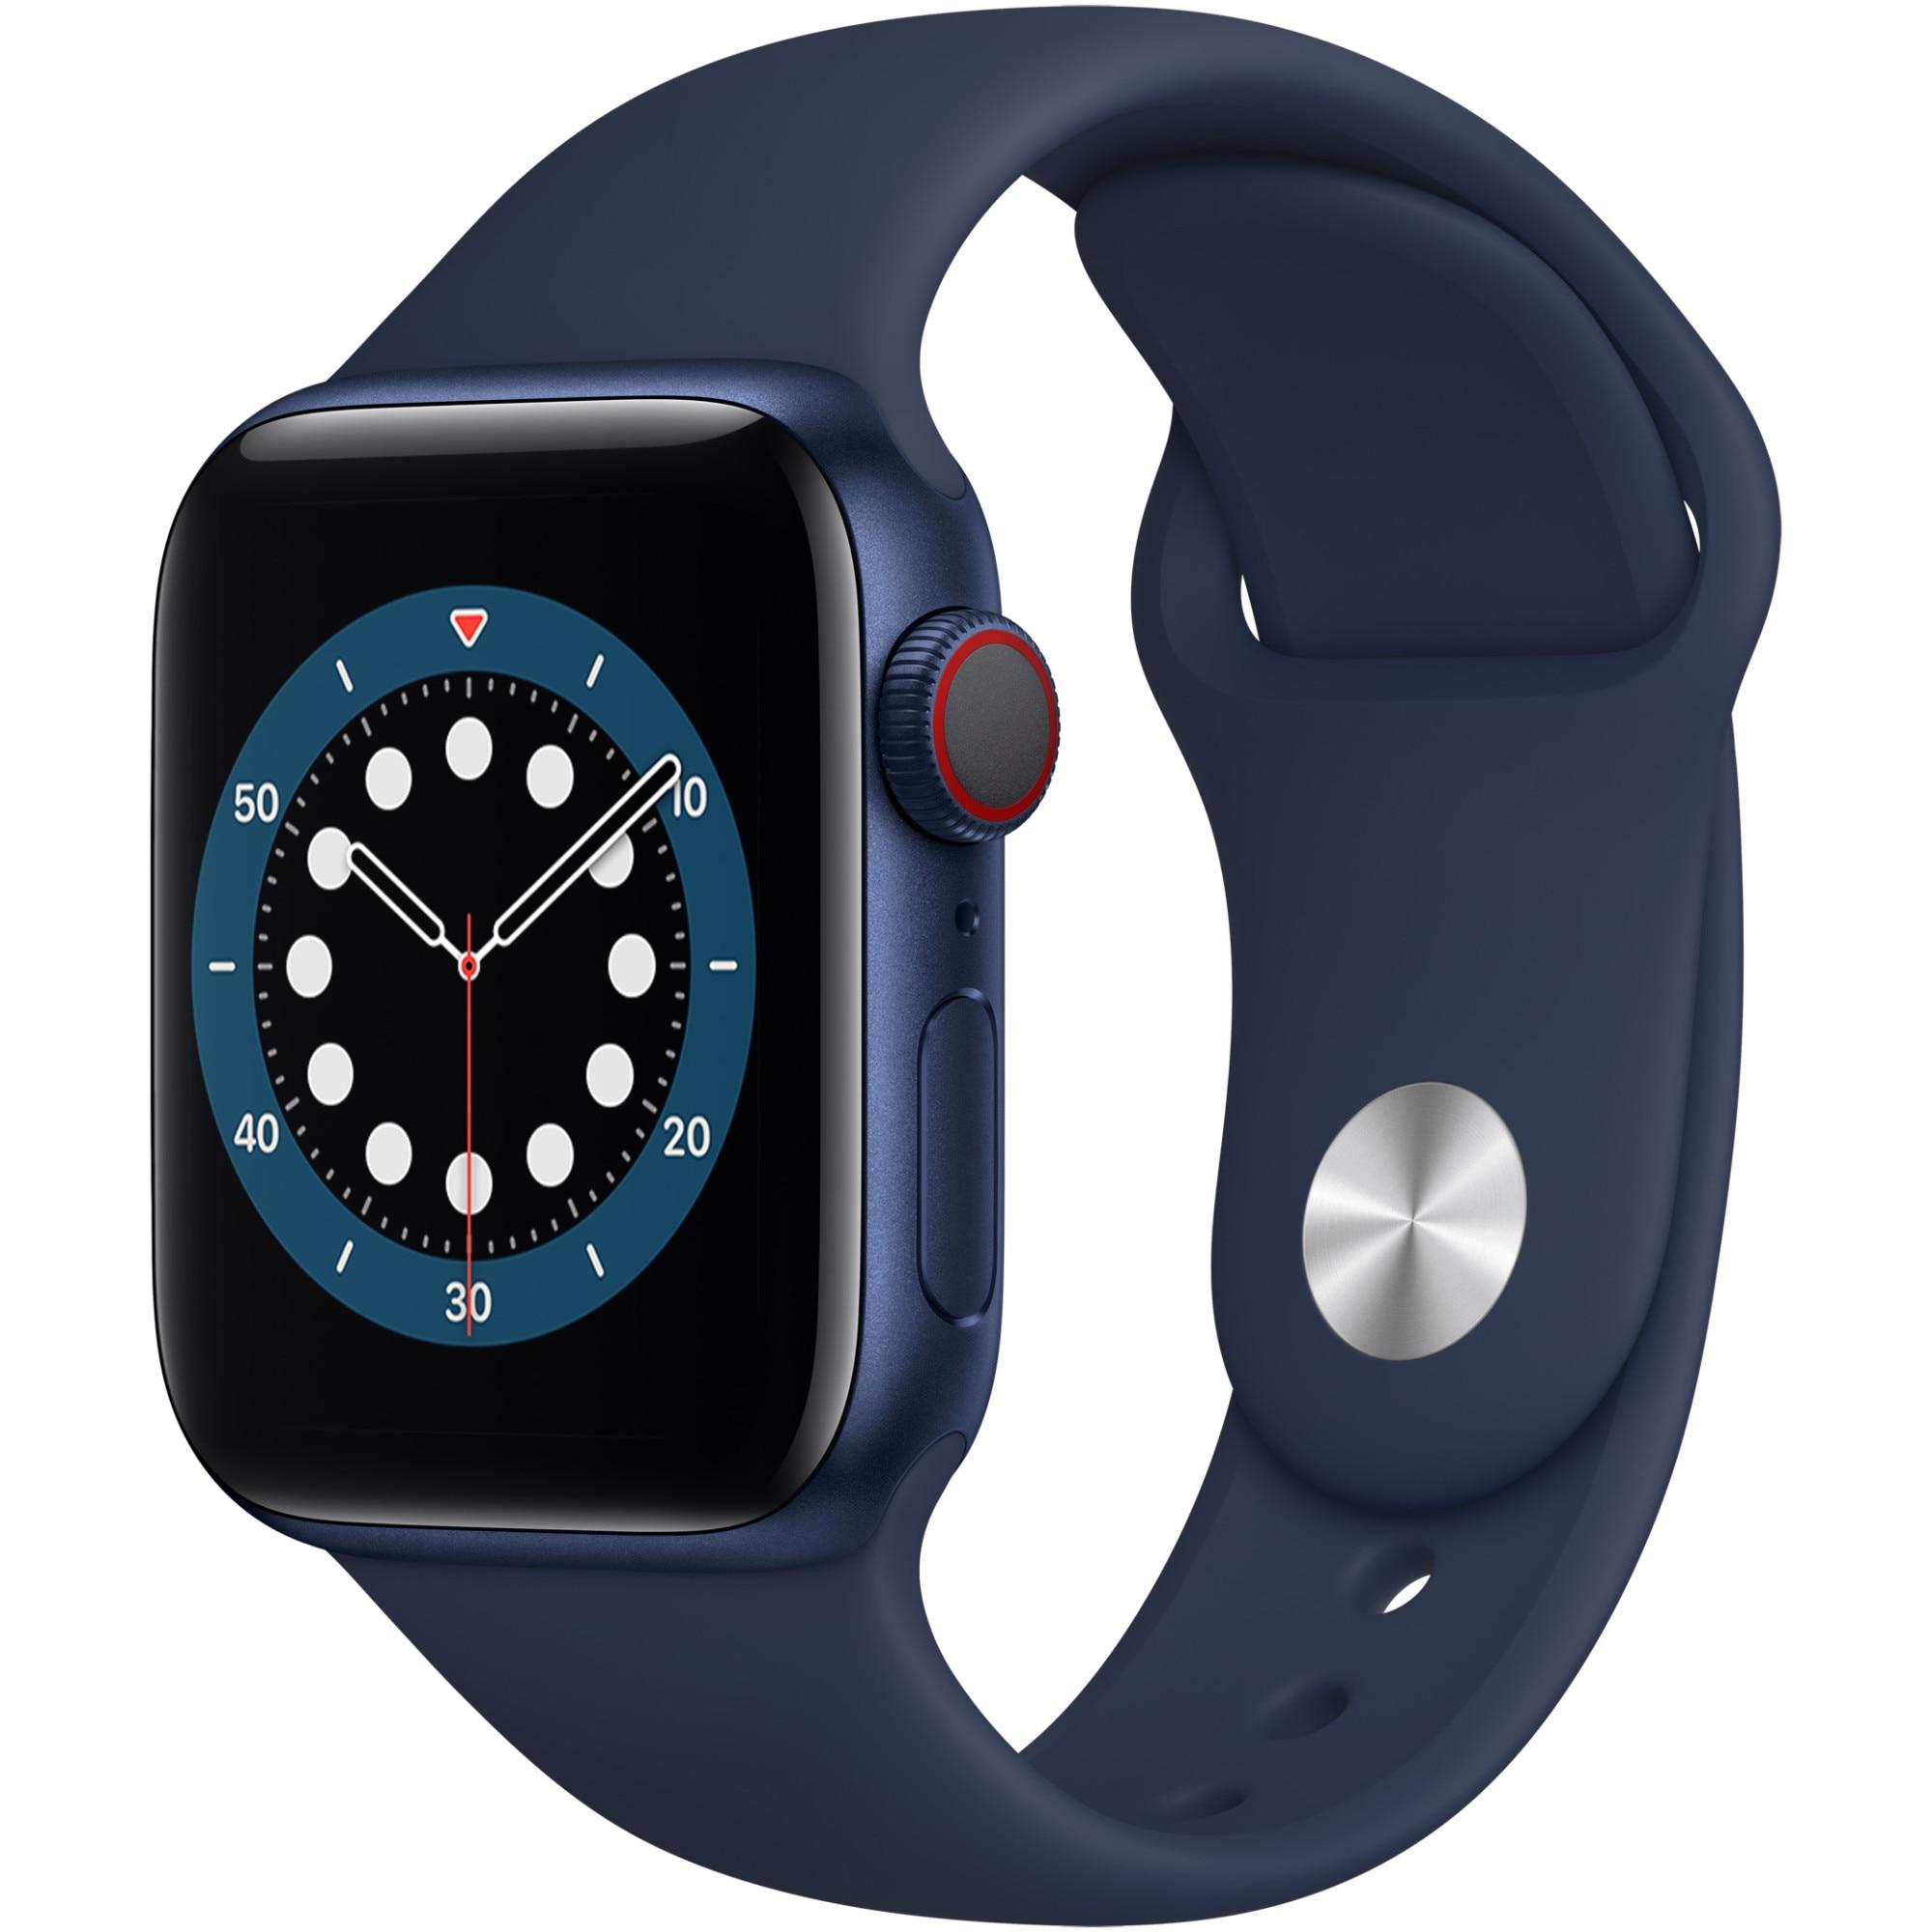 Fotografie Apple Watch 6, GPS, Cellular, Carcasa Blue Aluminium 40mm, Deep Navy Sport Band